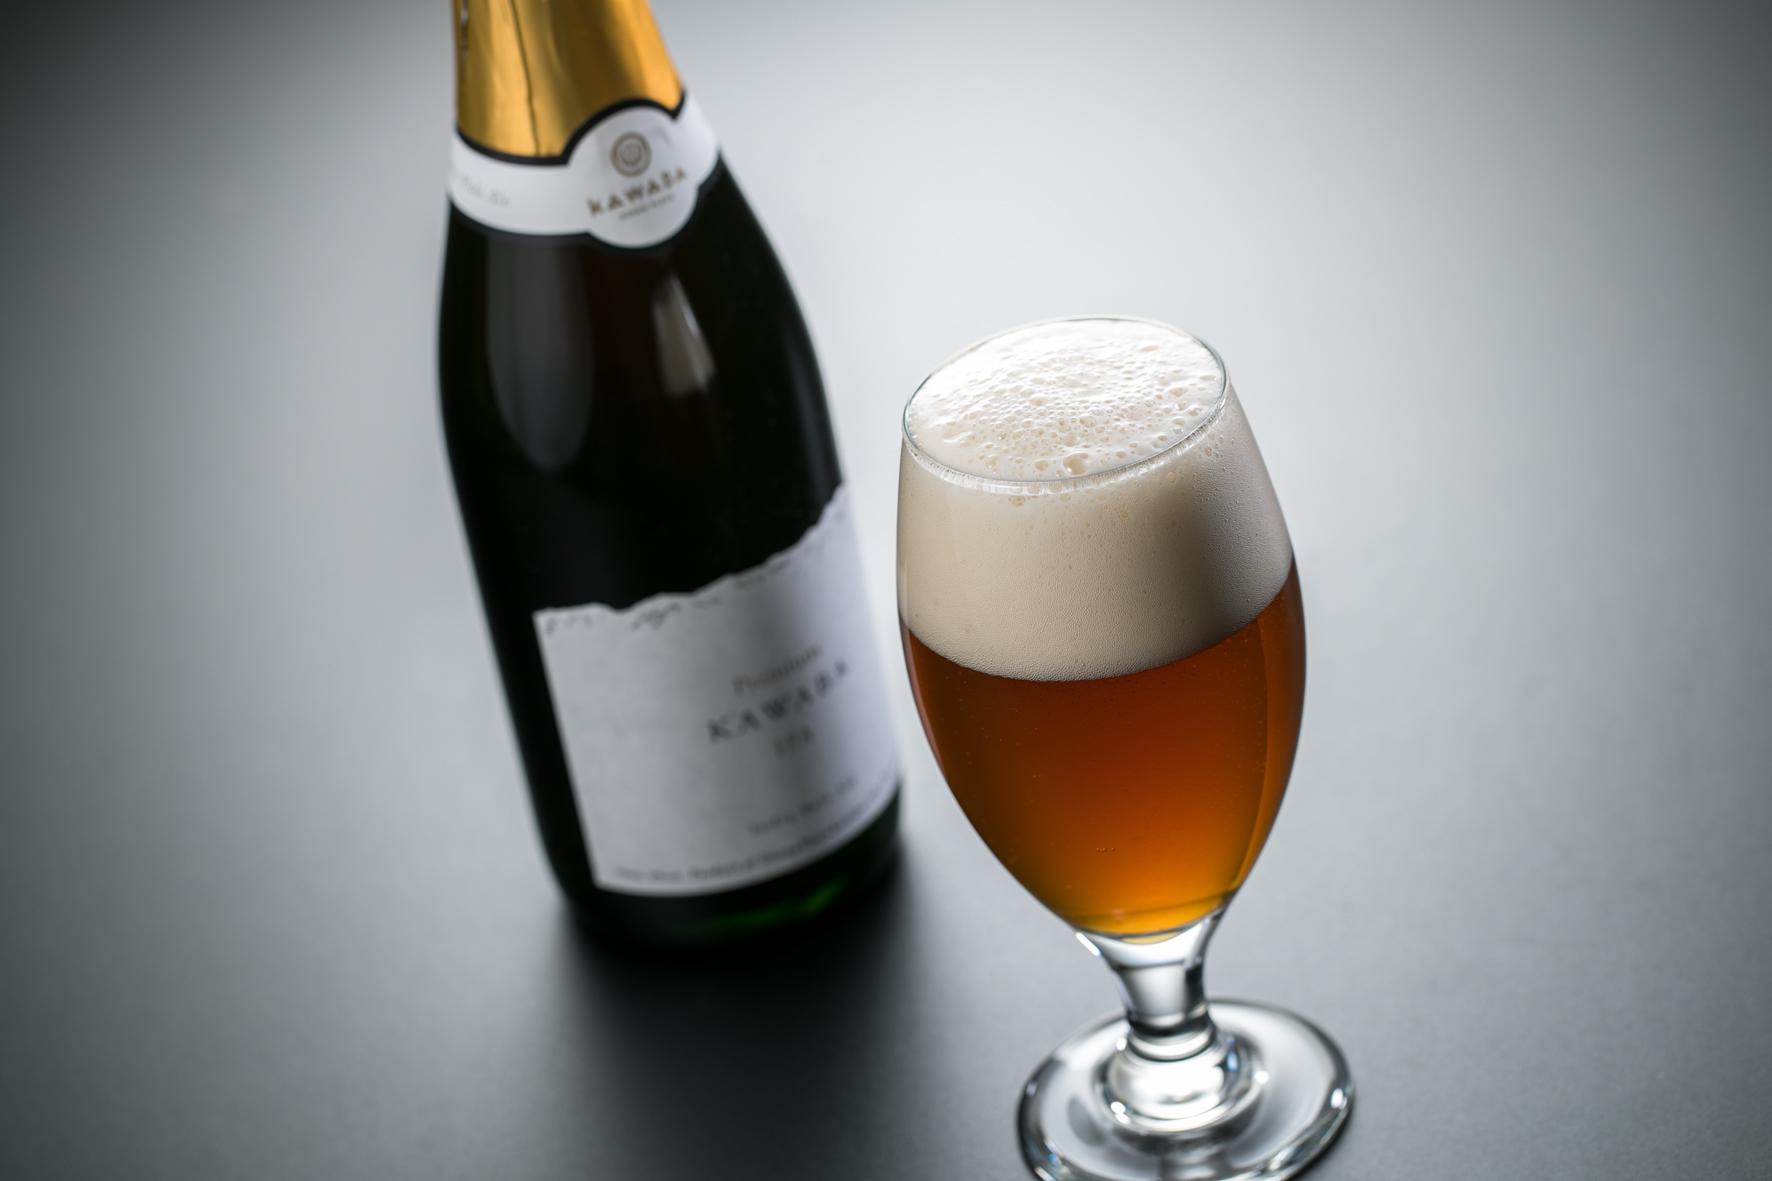 [受注予約]数量限定・生ビール 川場ビール IPAの商品詳細イメージ-1666